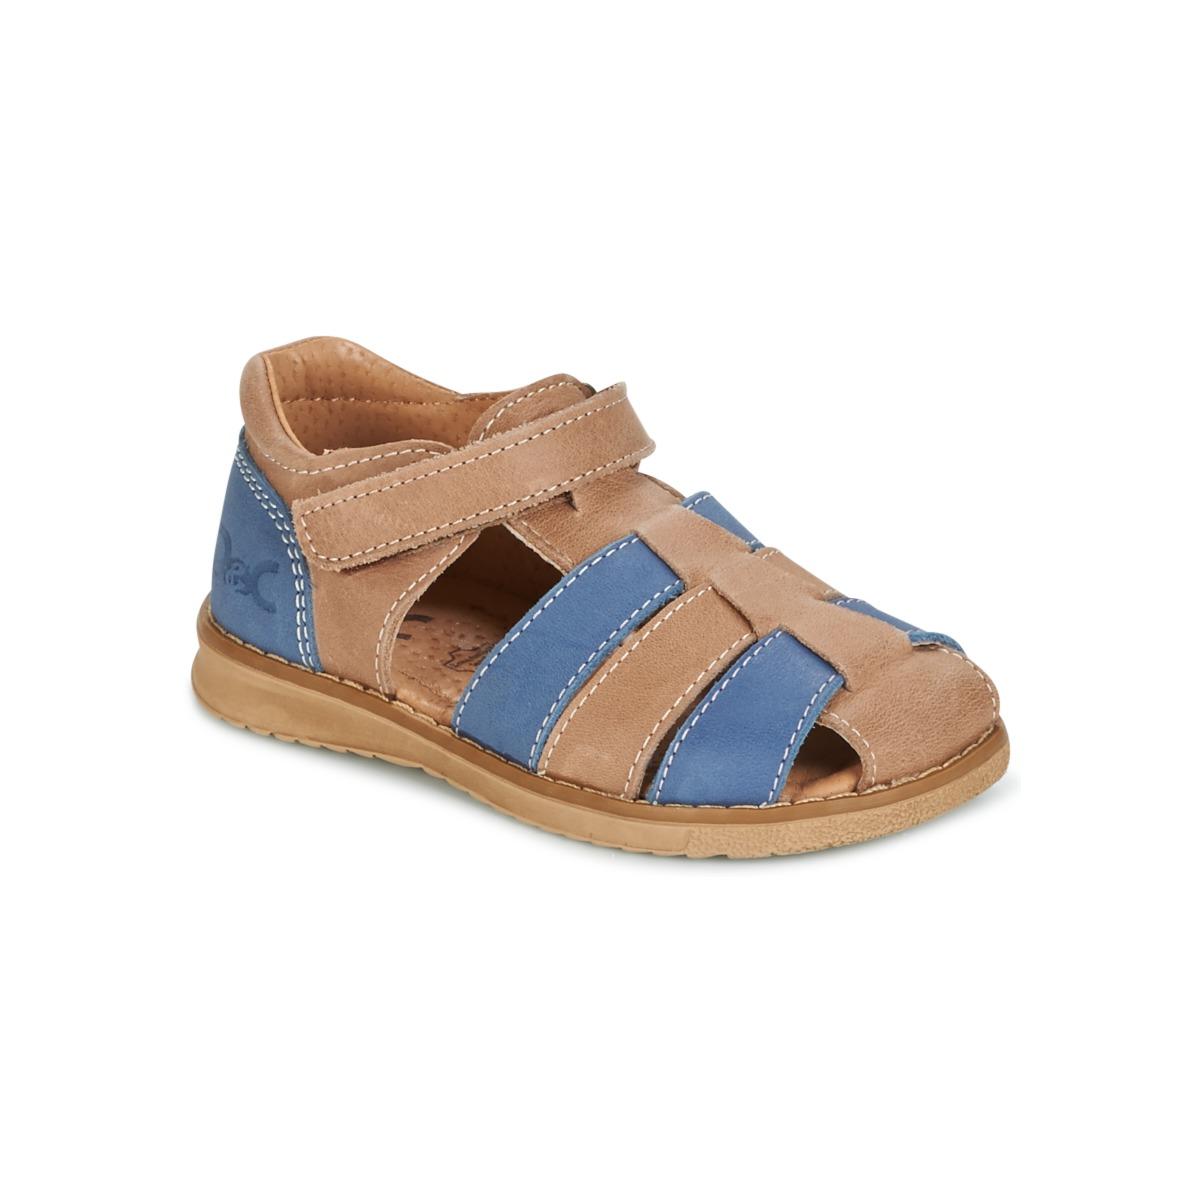 Sandale Citrouille et Compagnie FRINOUI Marron / Bleu